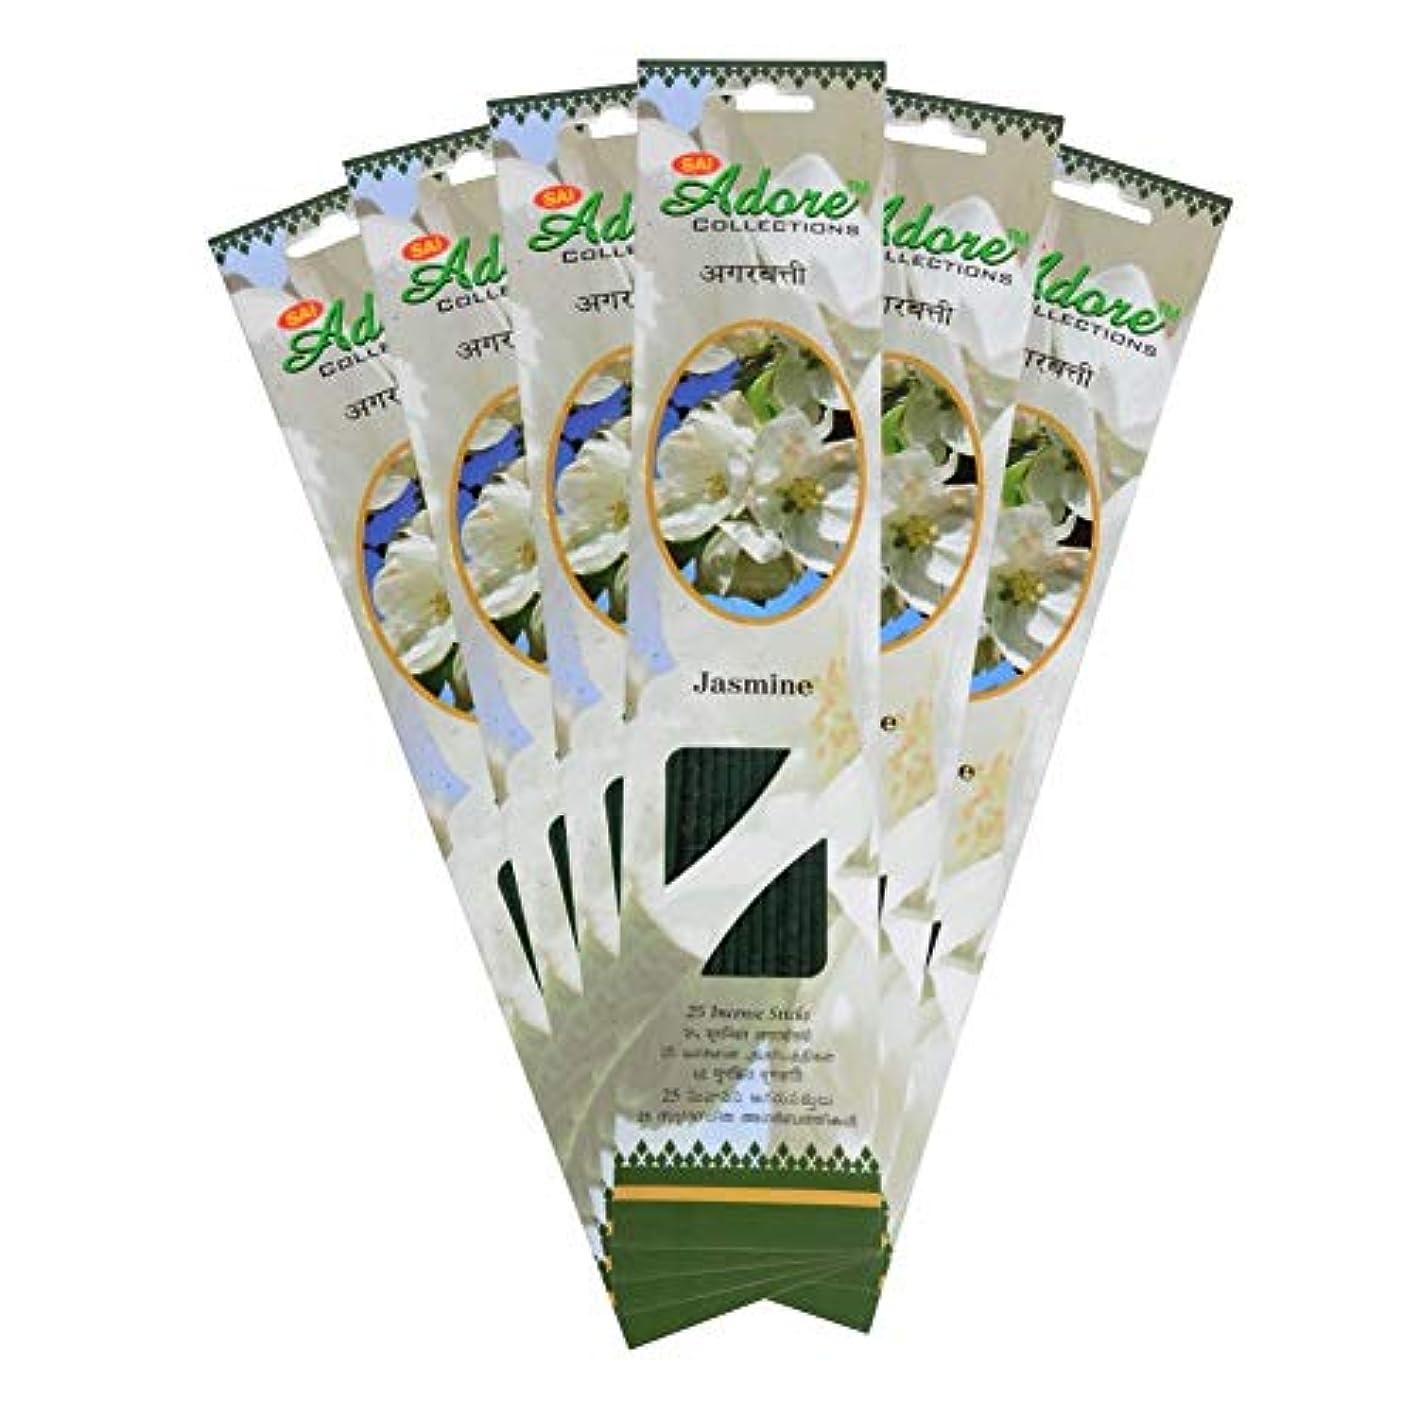 摂氏度スタイル壮大なSai Adore Agarbatti (Incense Sticks) - Jasmine Fragrance Pack of 6-150 Sticks